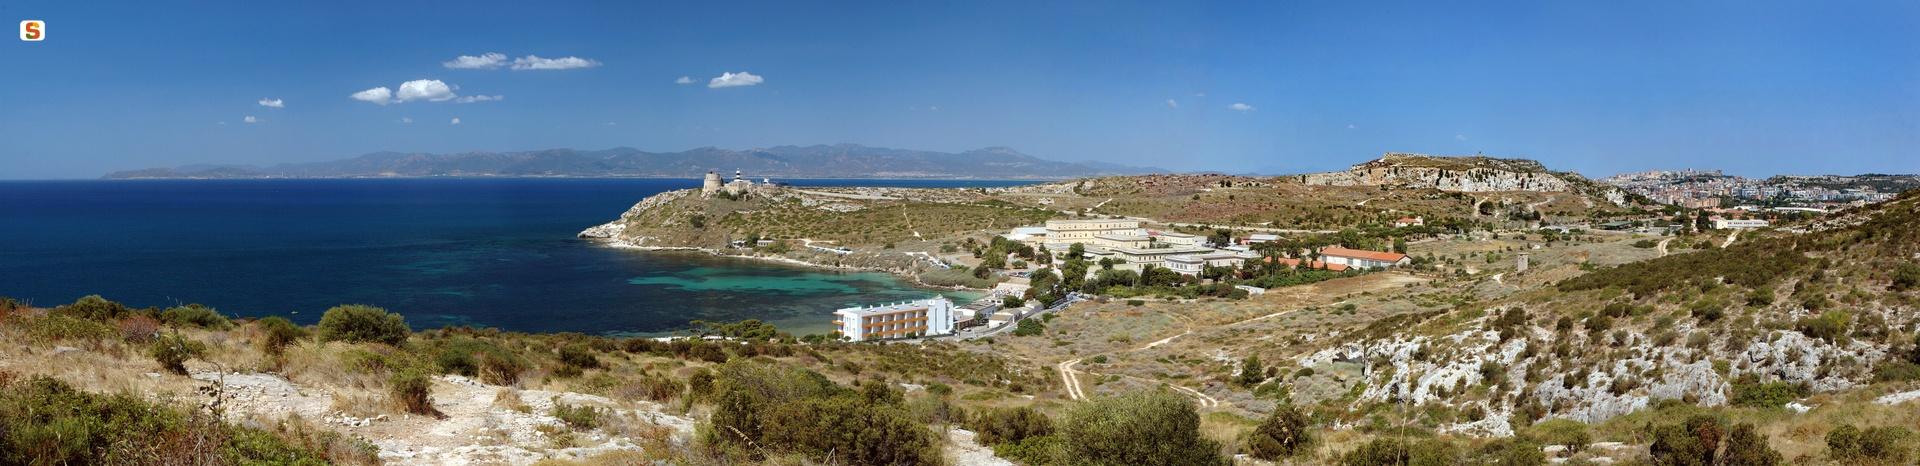 E\' attivo a Cagliari presso la spiaggia di Cala Mosca e il Poetto il ...